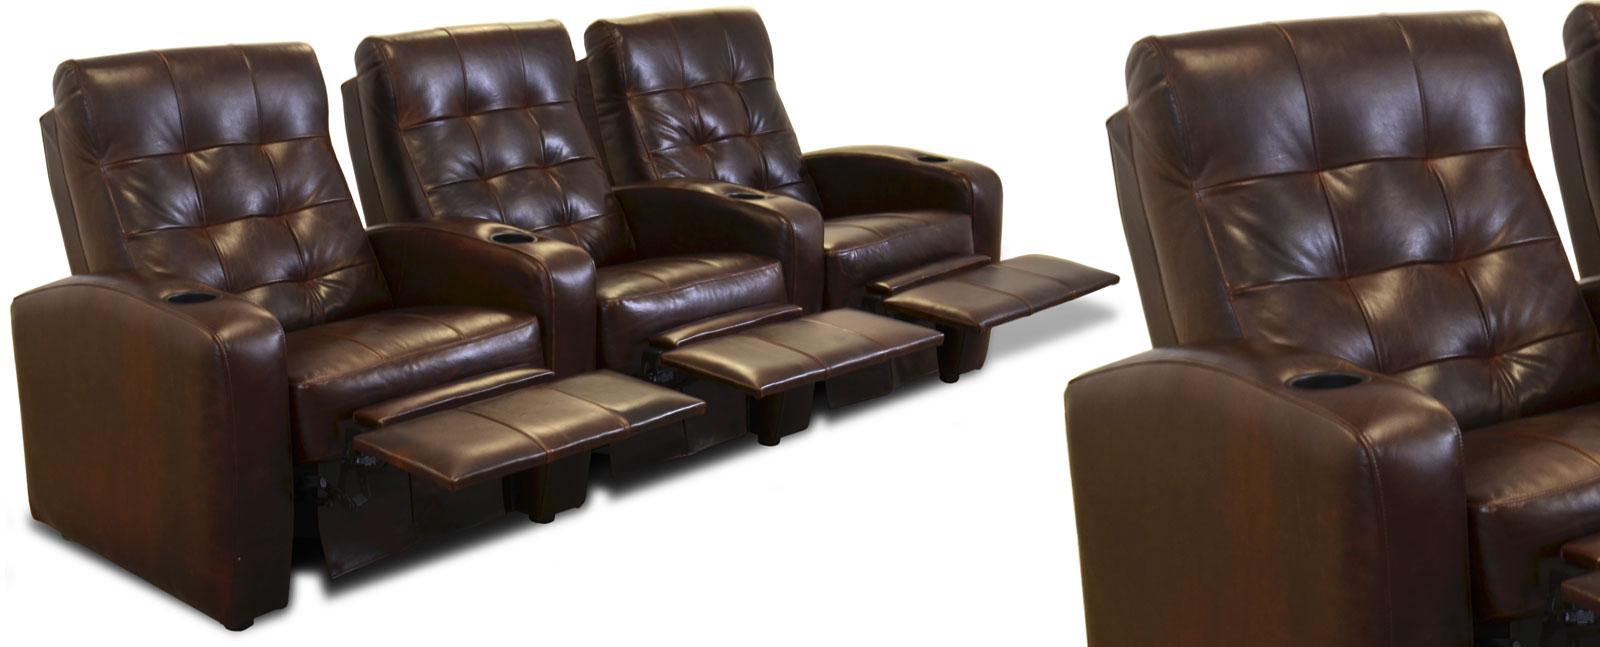 Leather Sofa Company Dallas The Leather Sofa Company Furniture Stores Dallas Tx Yelp Dallas